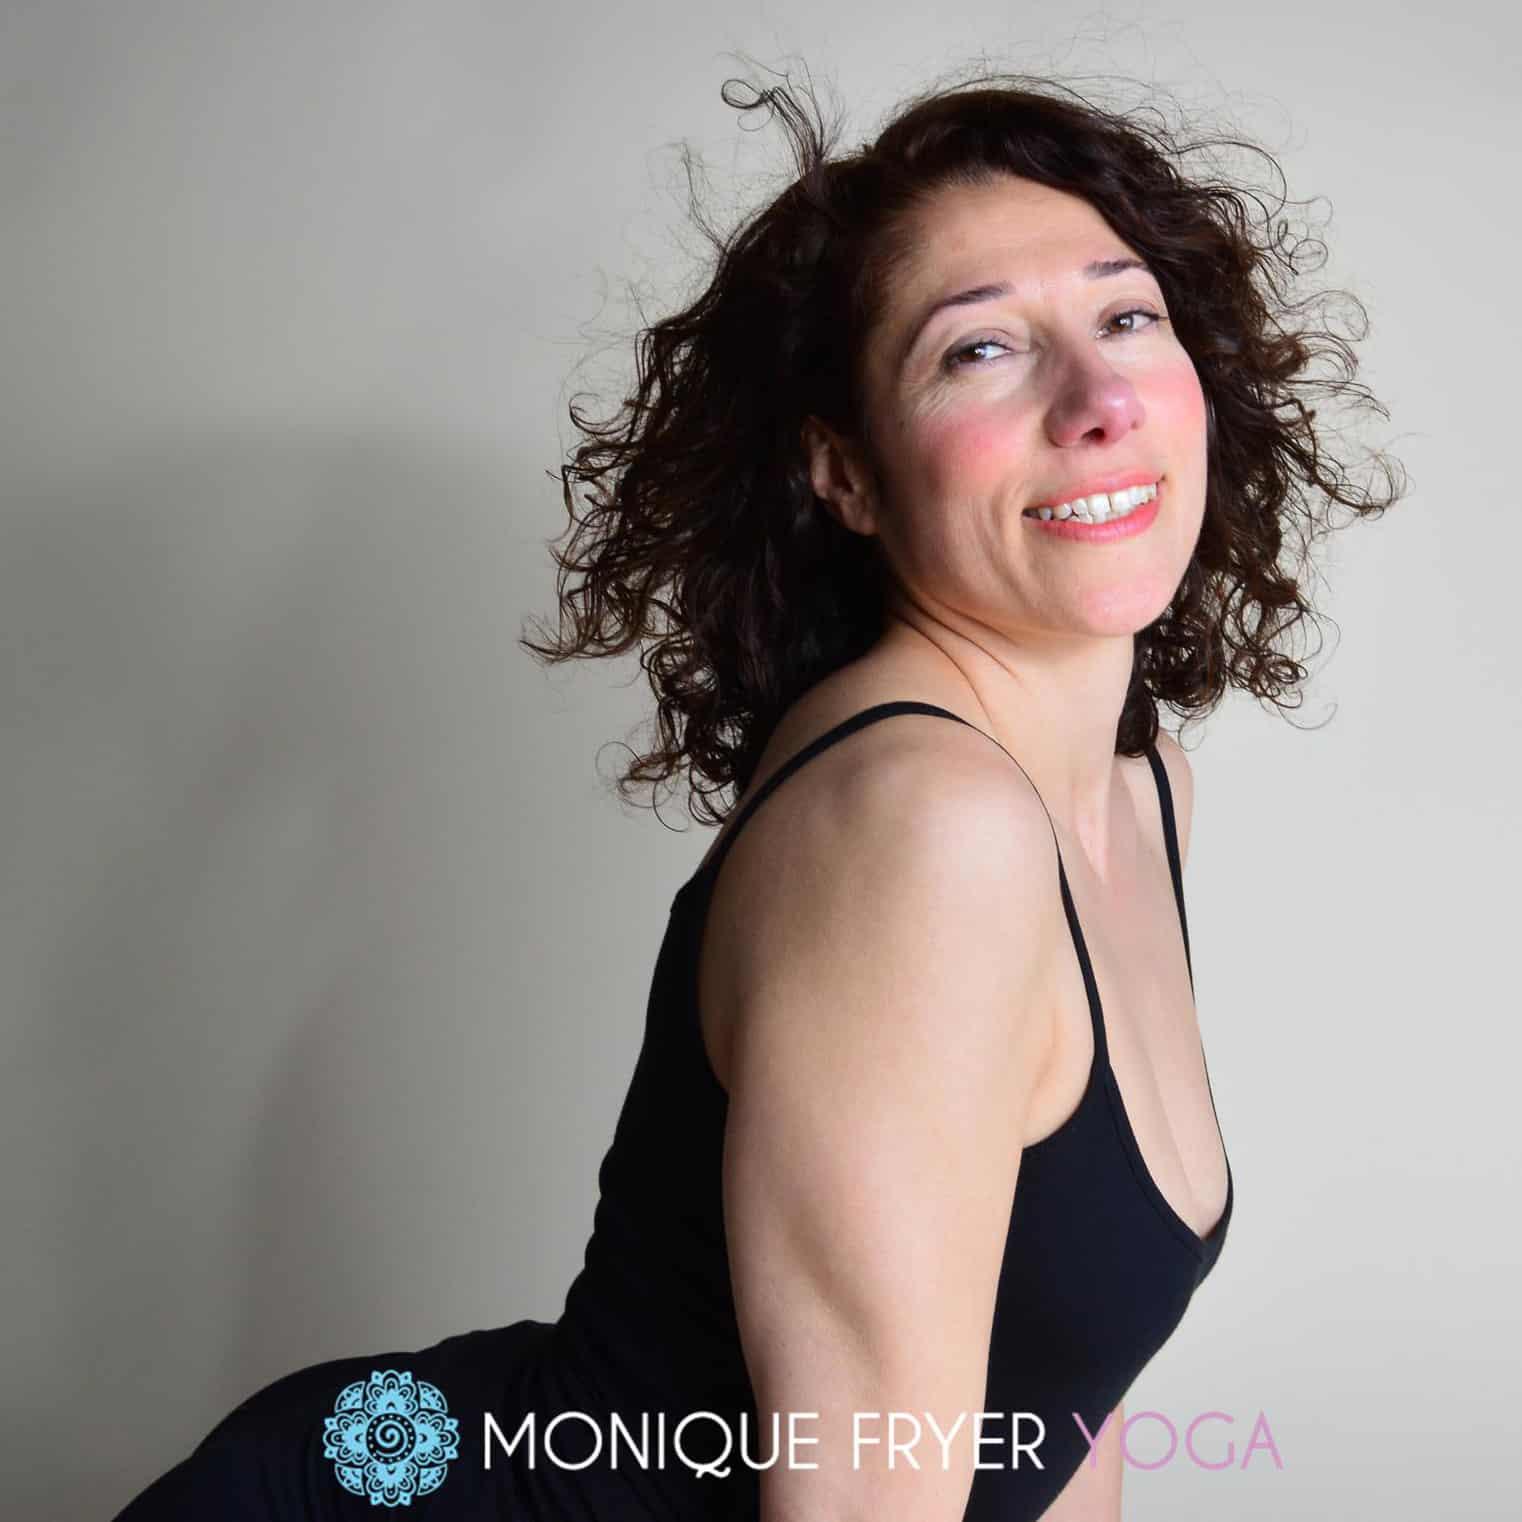 Monique Fryer